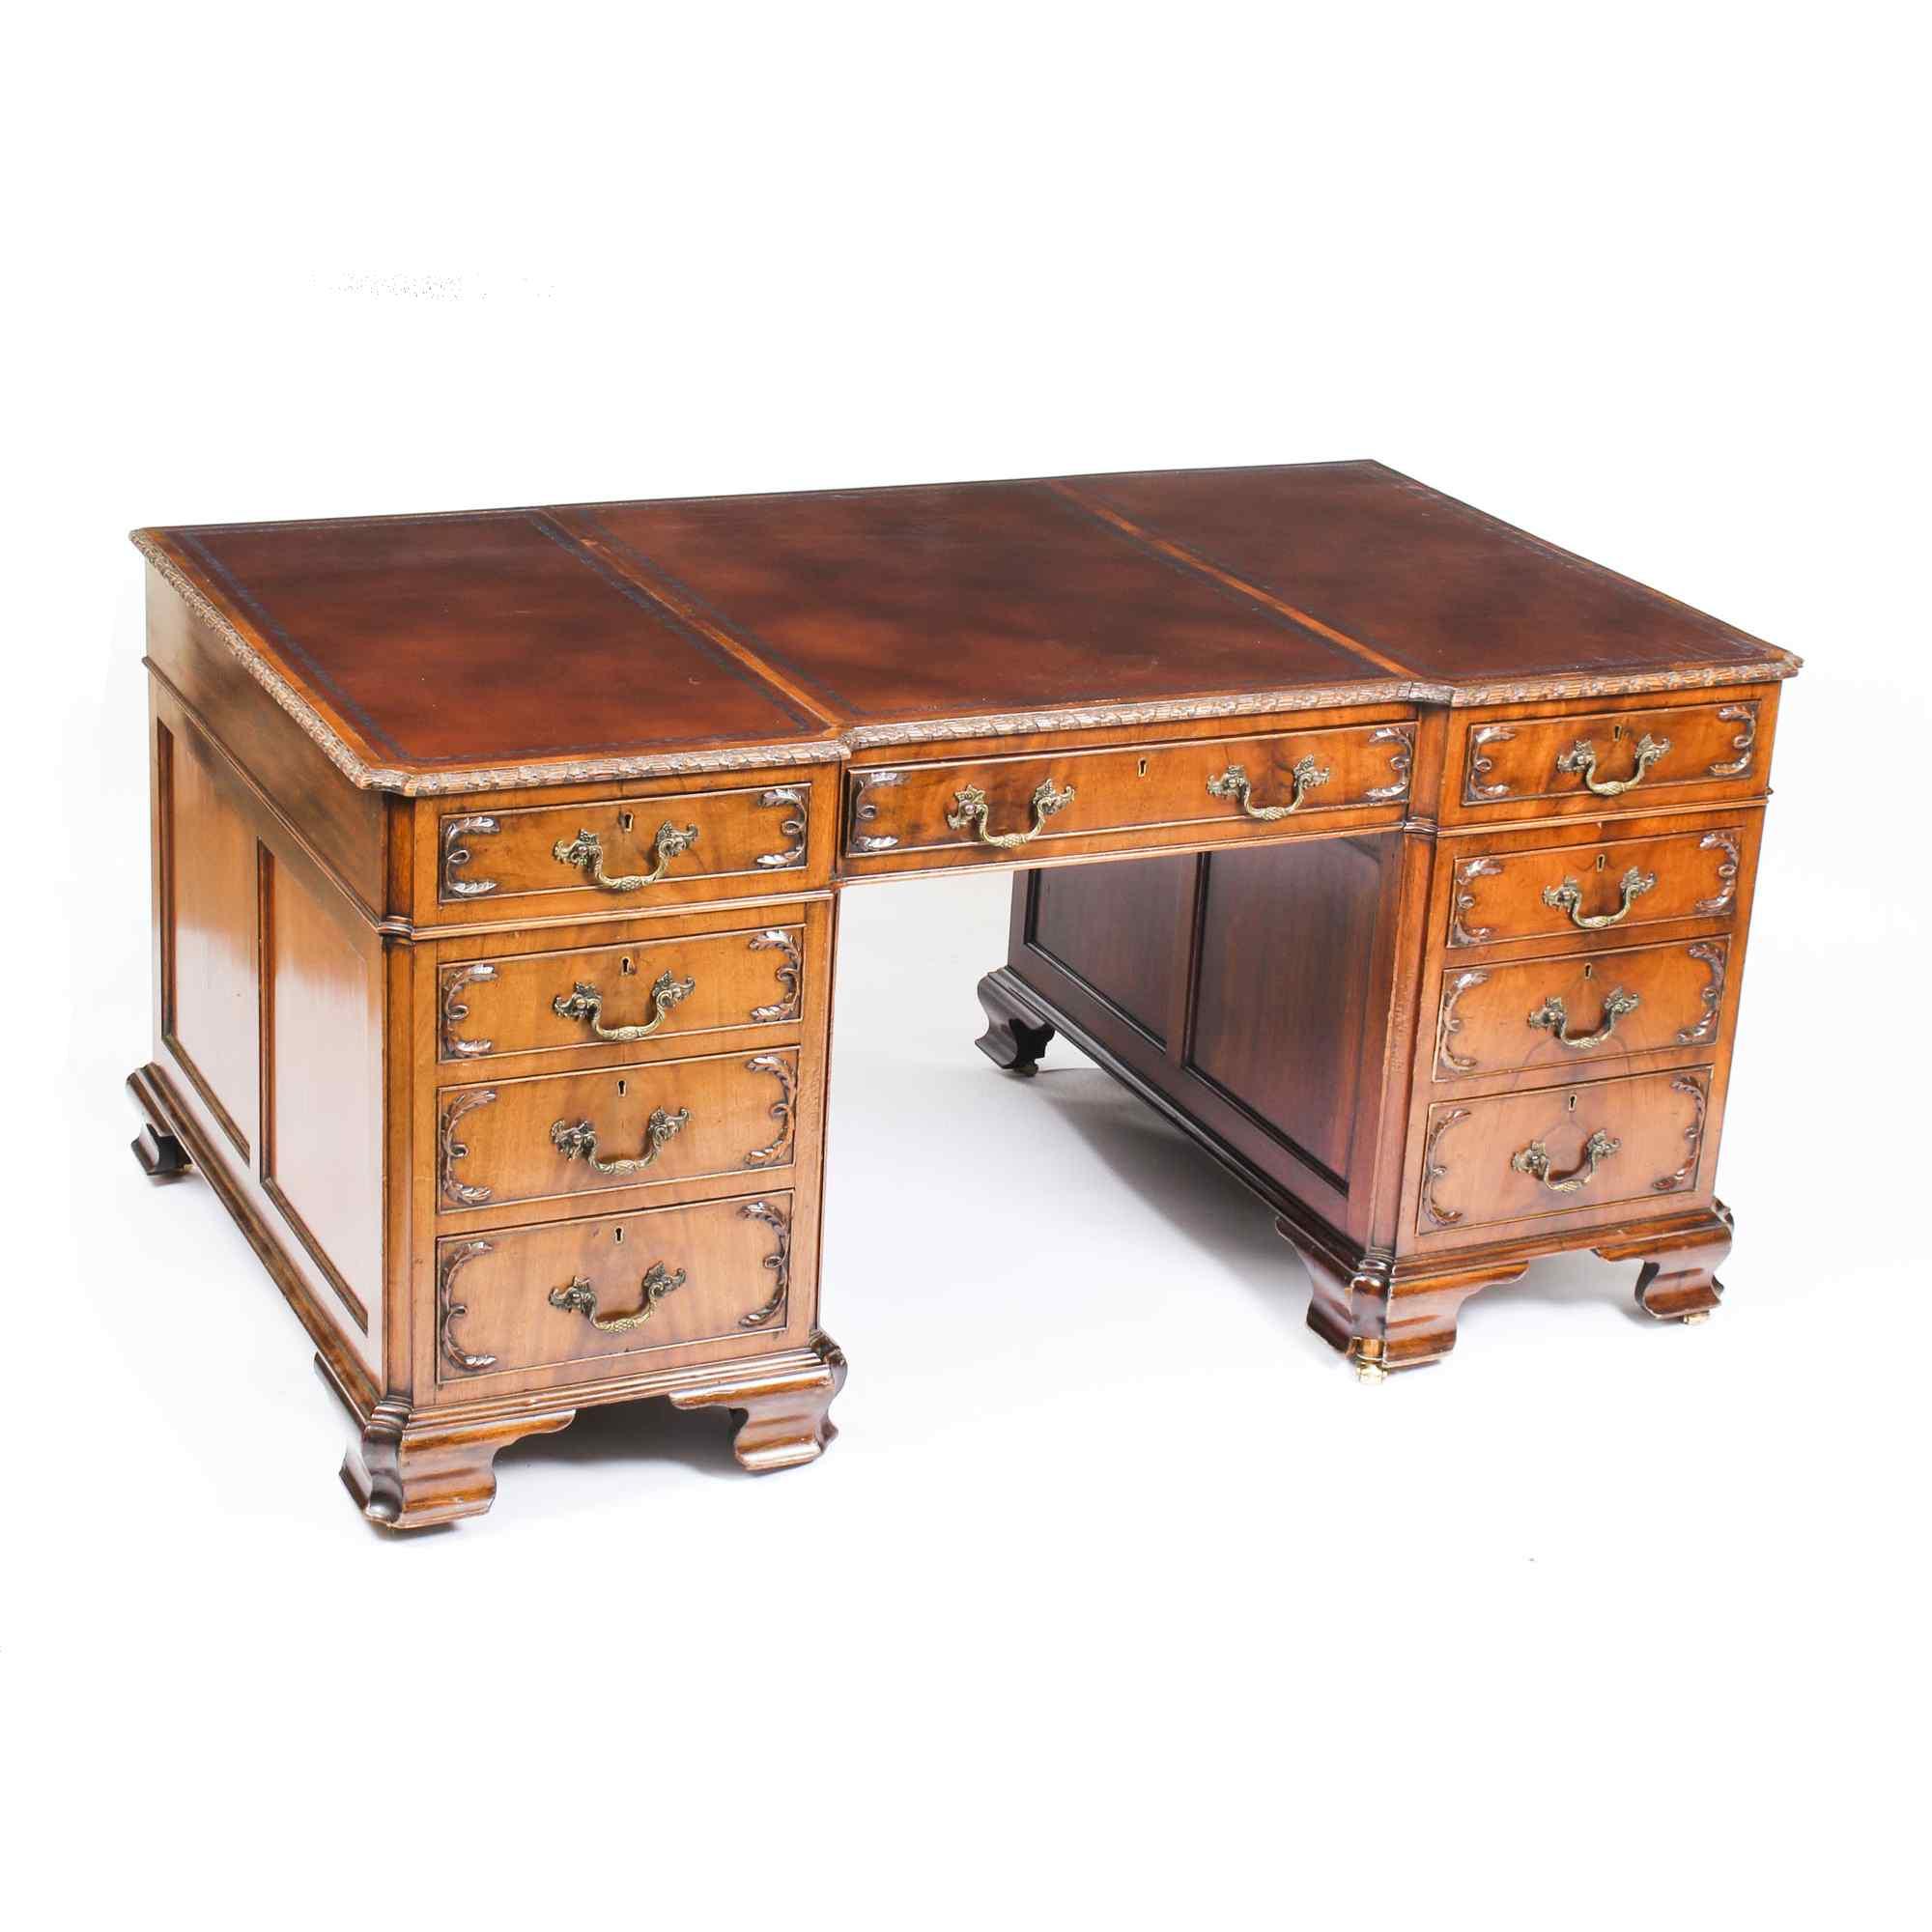 Scrivania con piedistallo Antique Partners George III Reviva